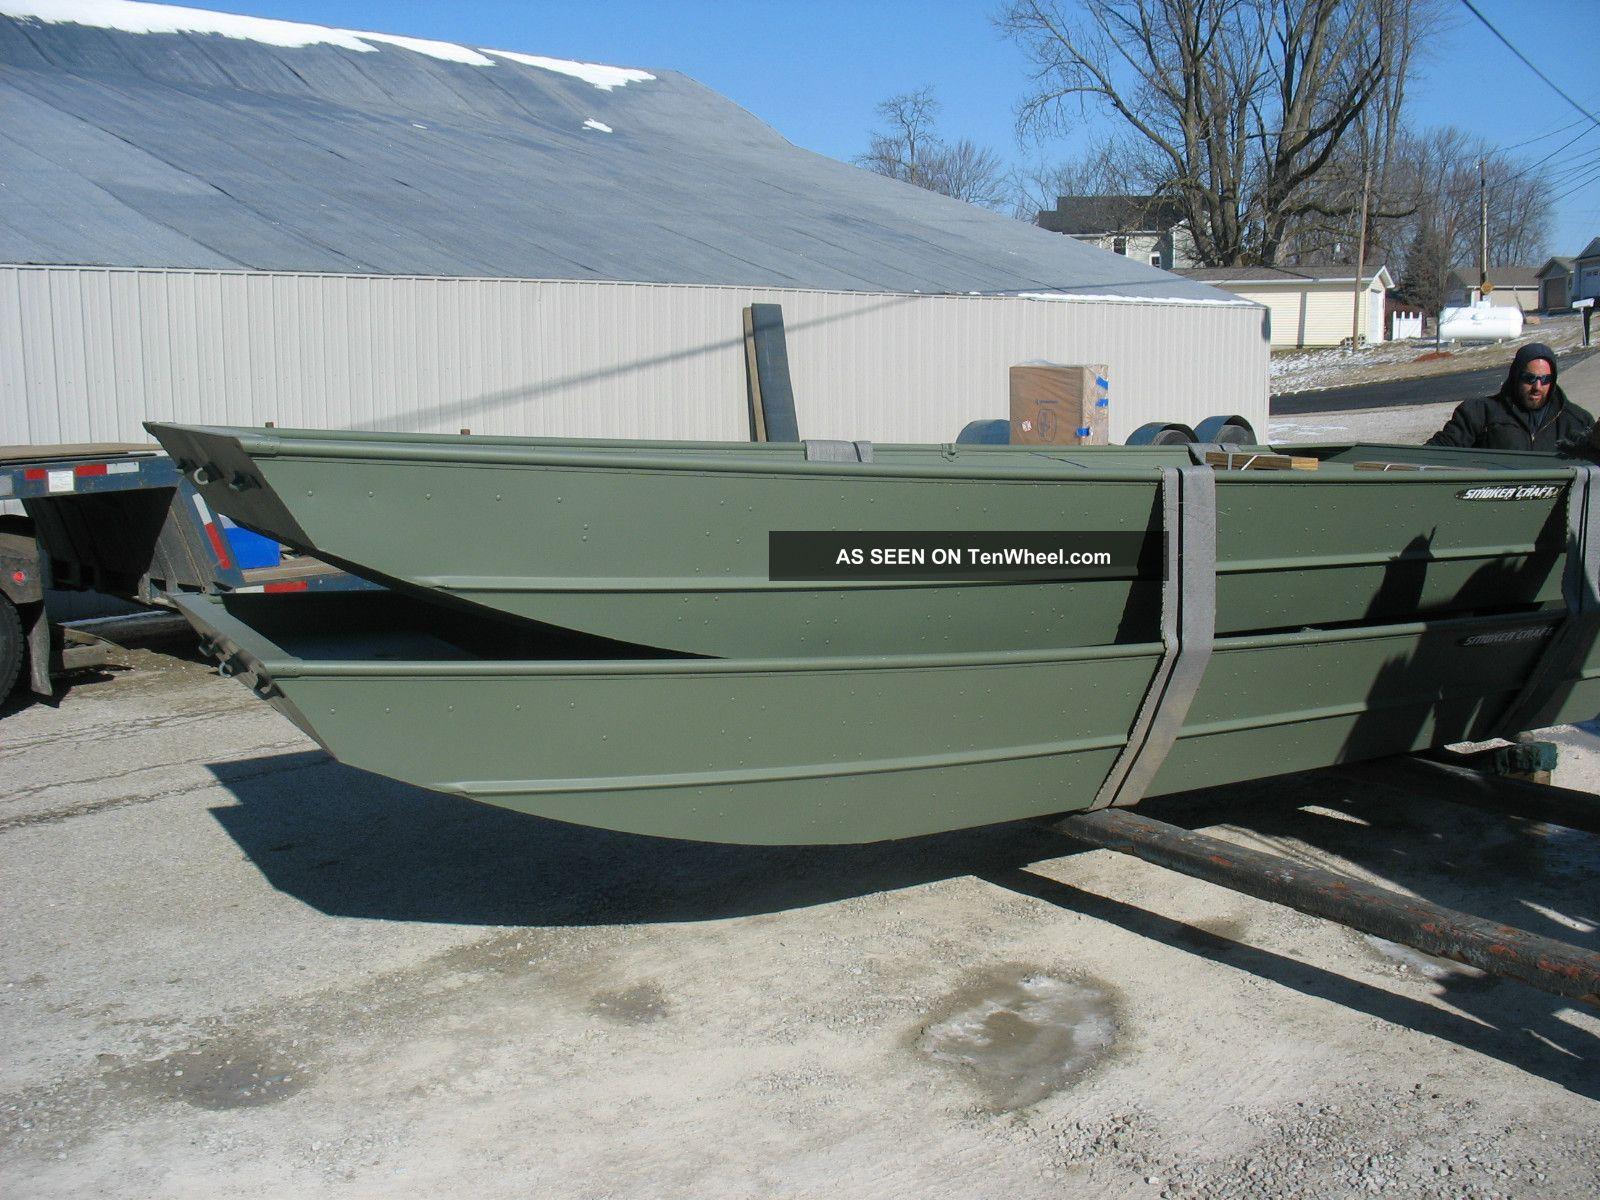 2013 Starcraft Smoker Sylvan 1648 Other Freshwater Fishing photo